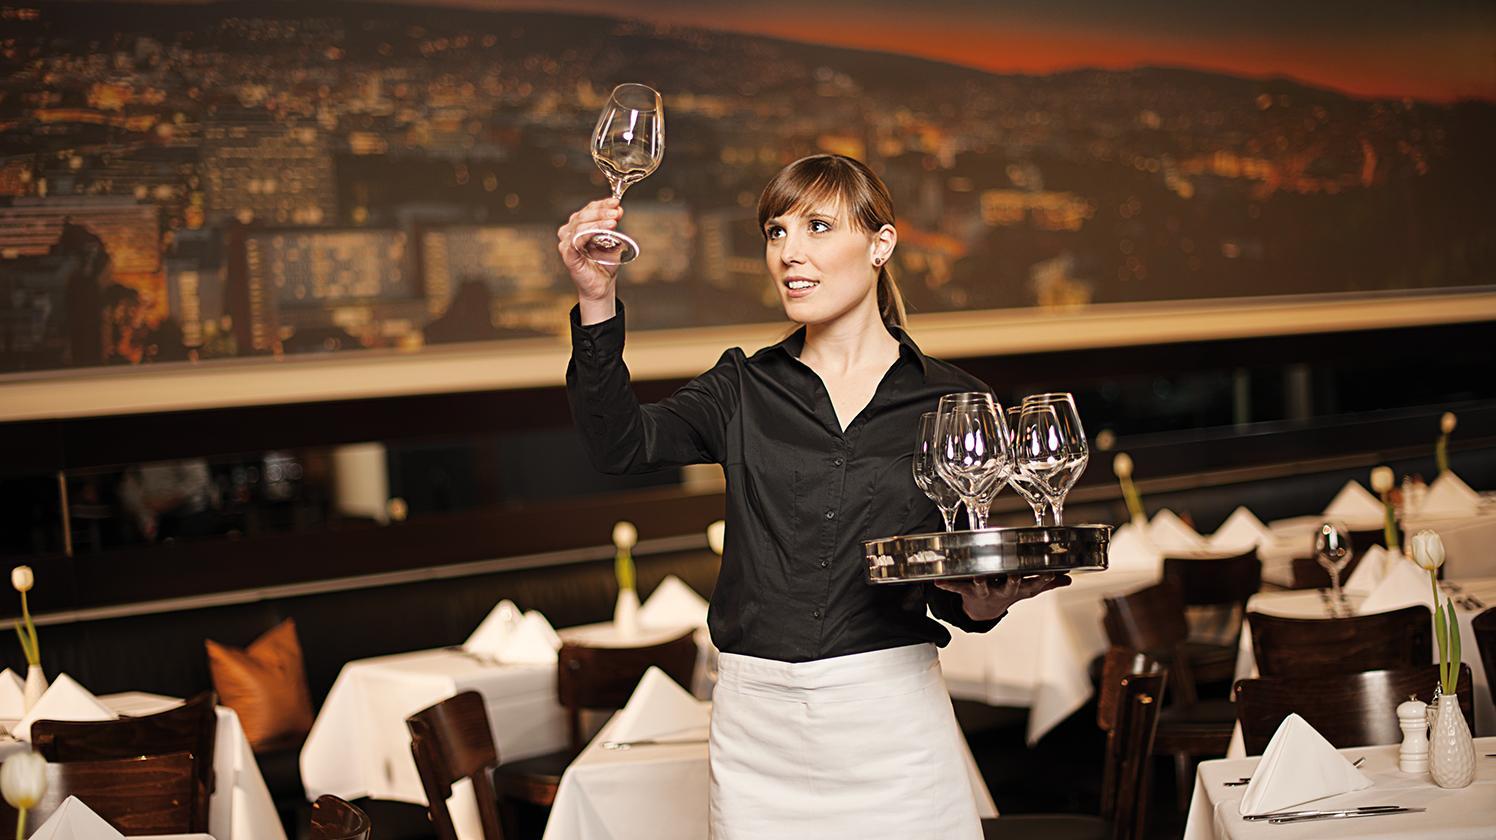 dispenser di acqua ristorante cameriera bicchiere